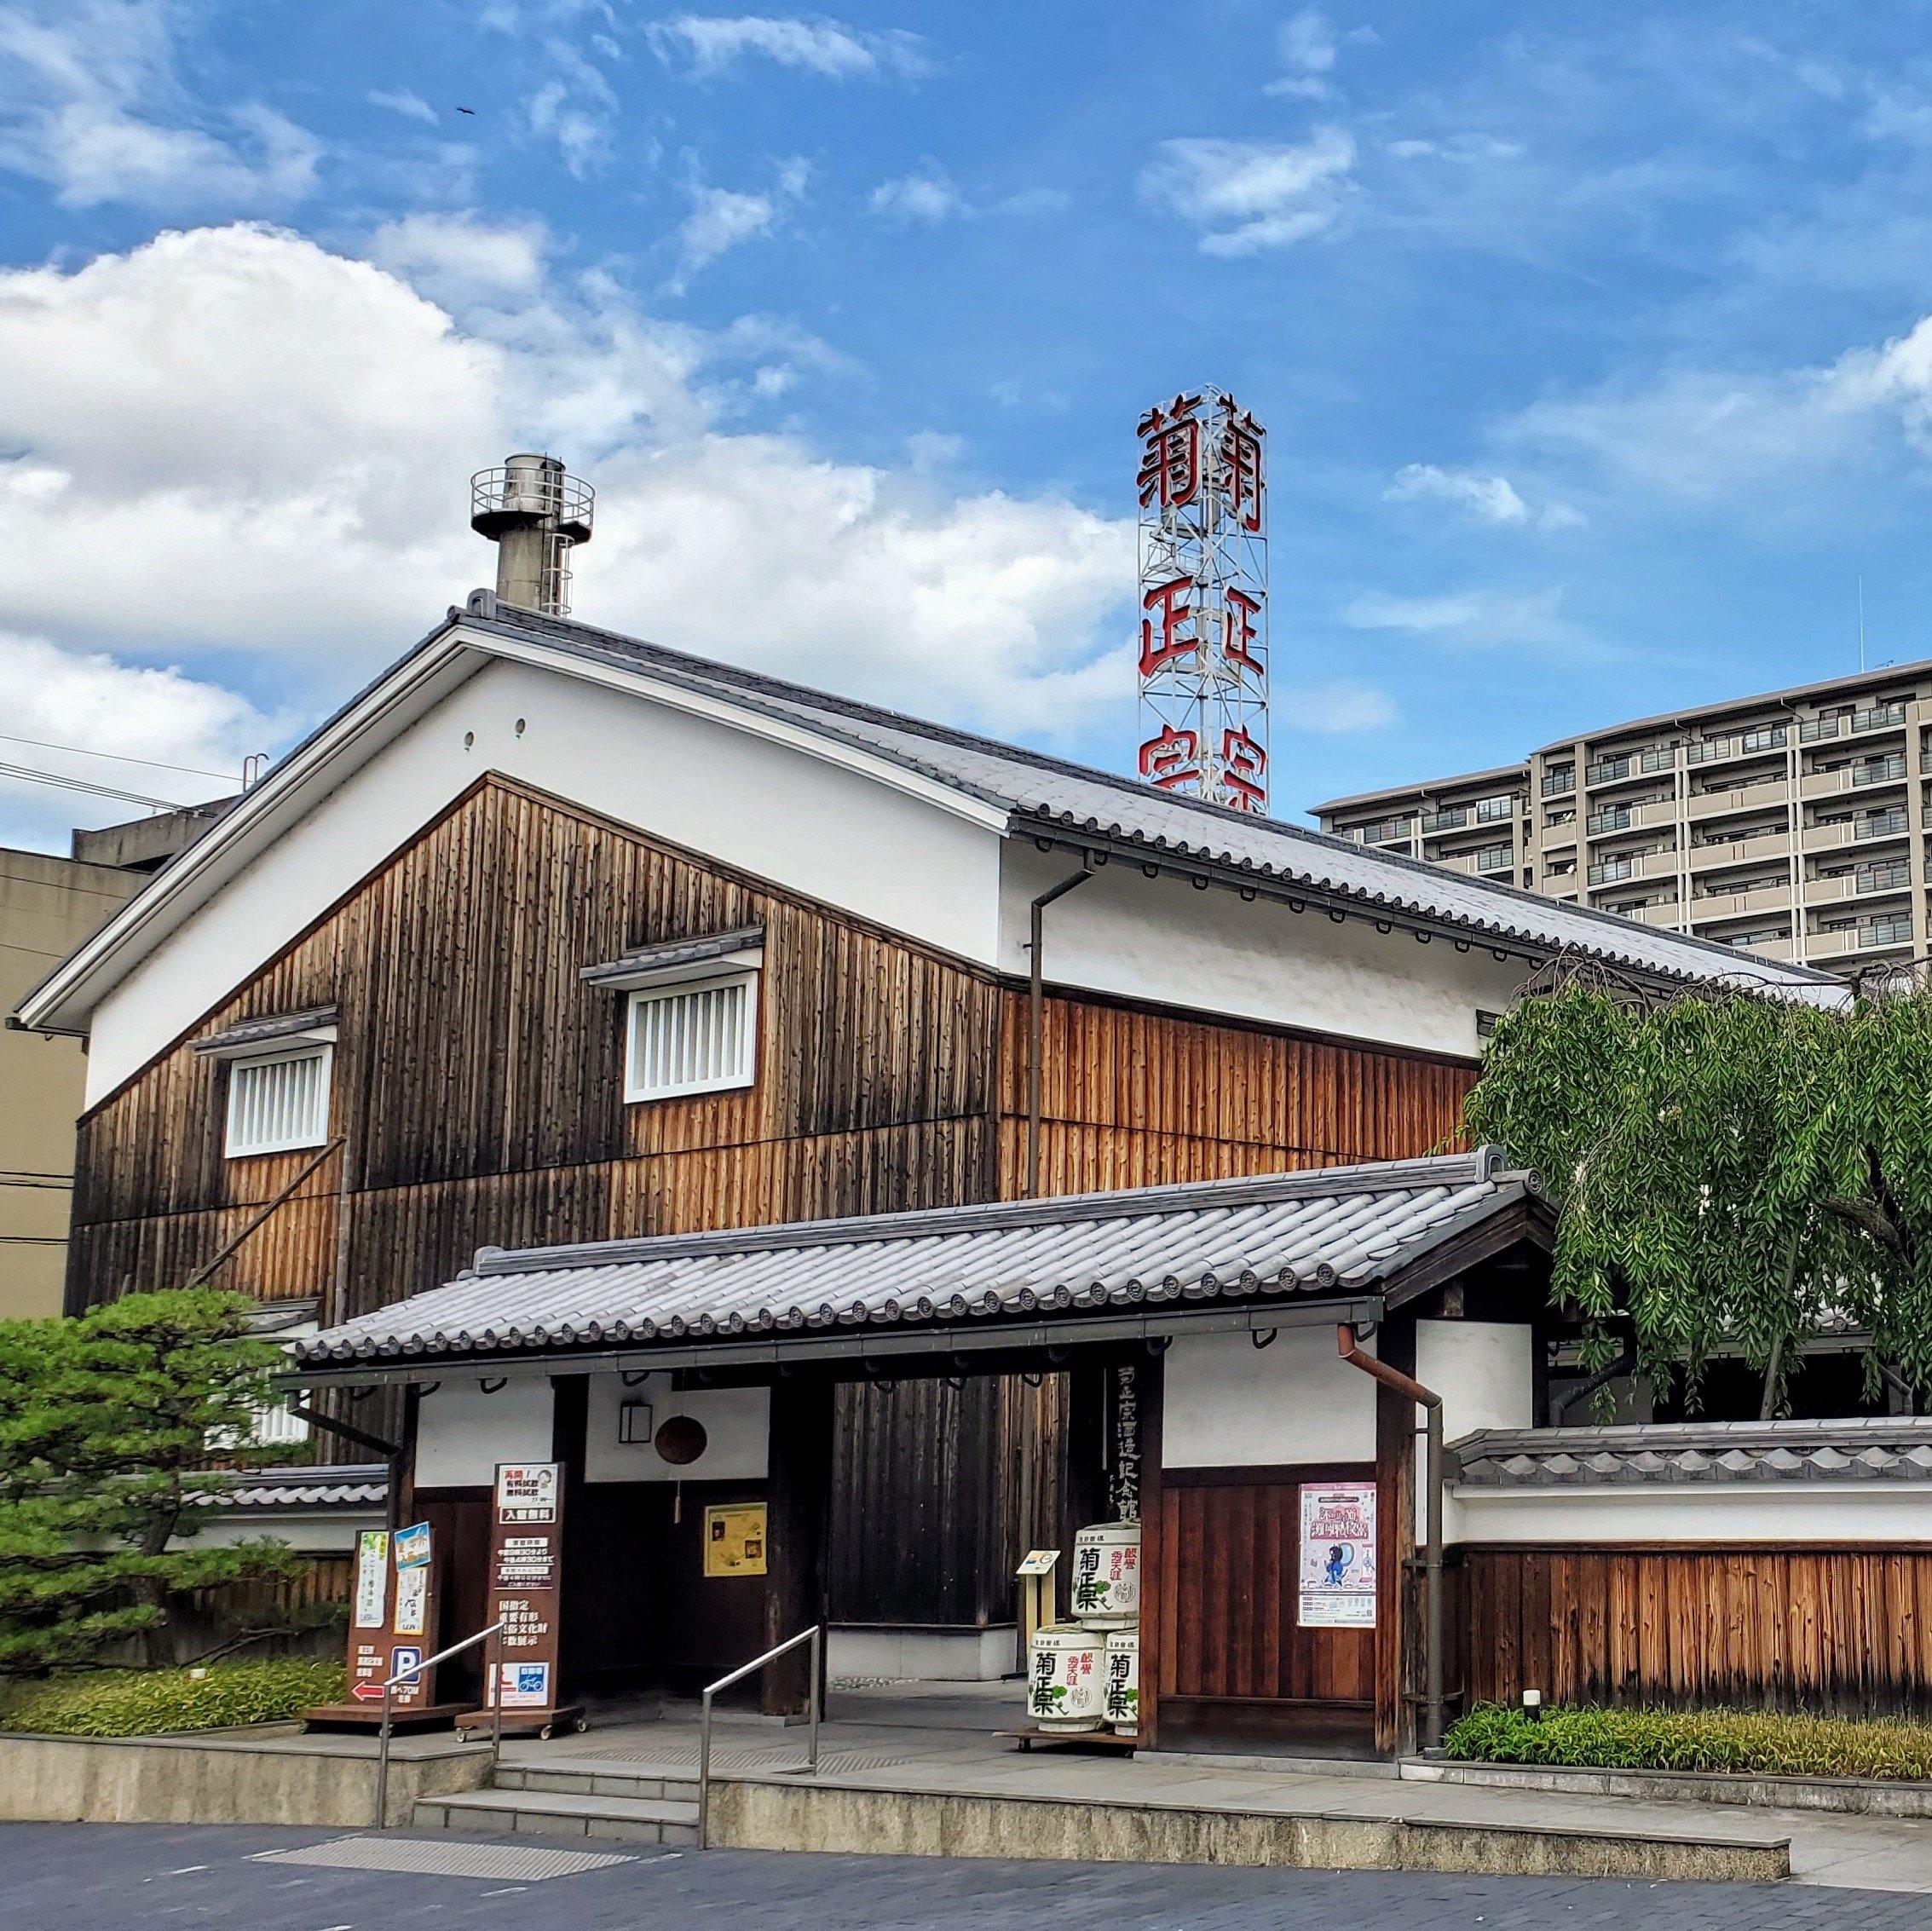 神戸「灘の酒蔵巡りRUN」2021年11月6日(土)のイメージその1